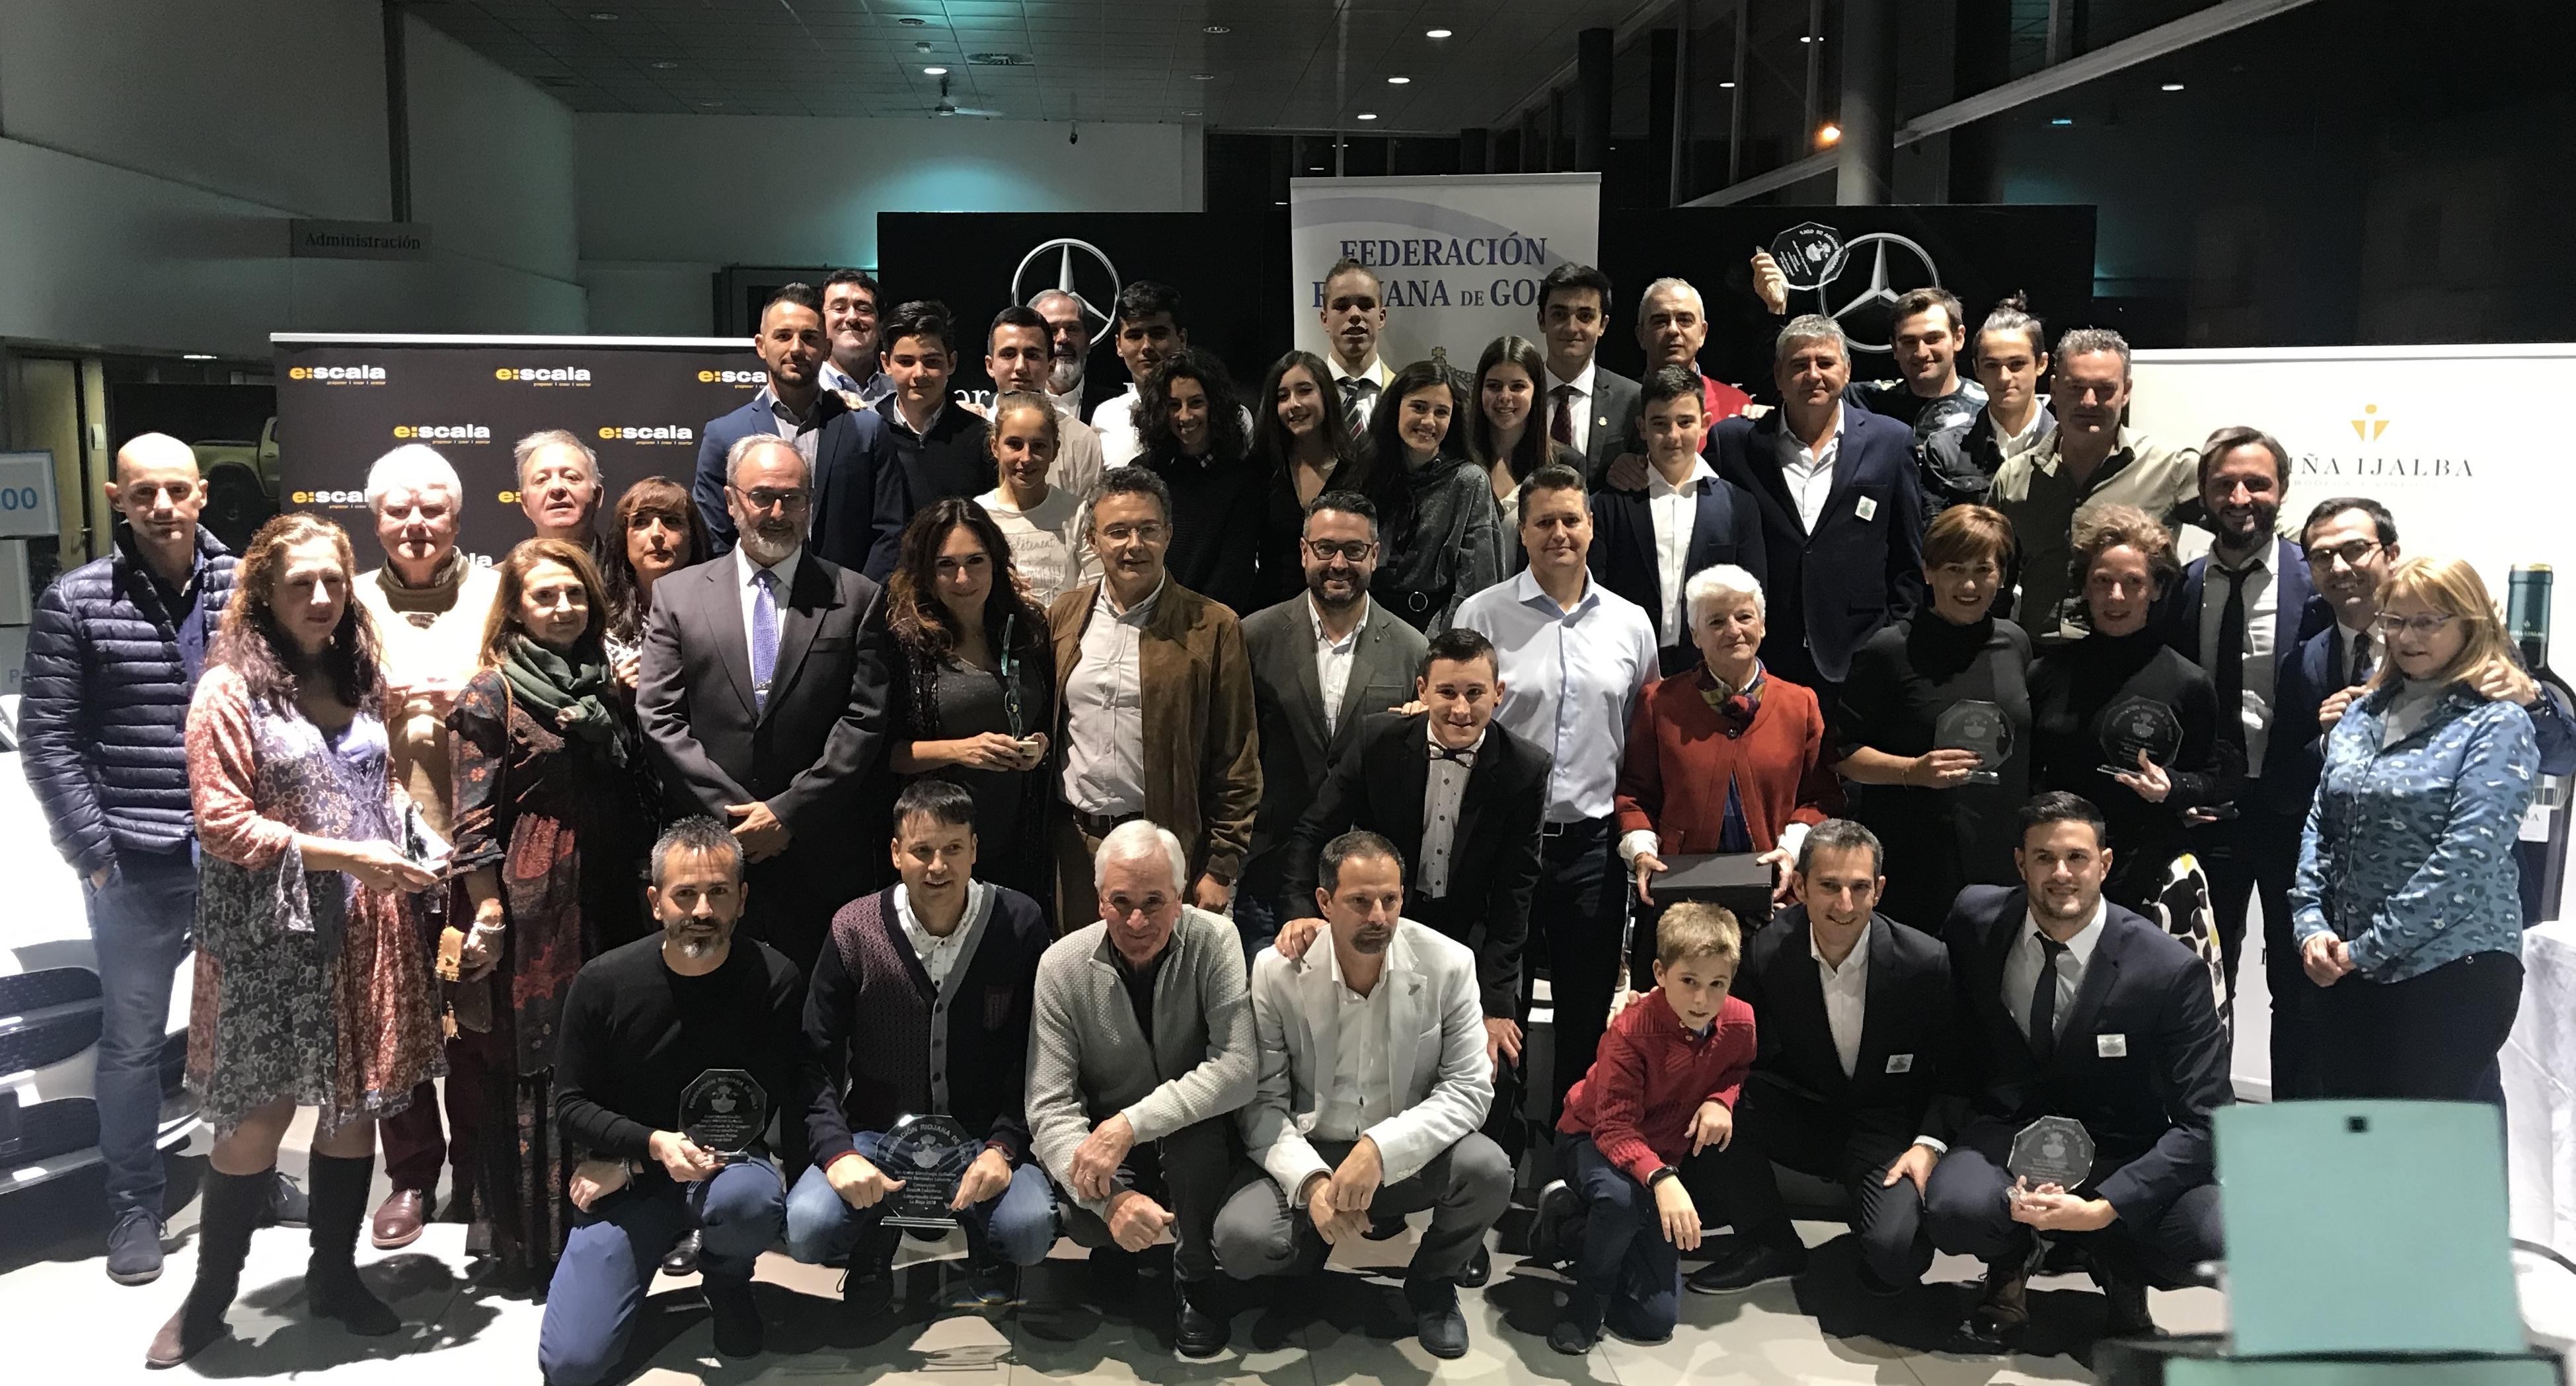 Gala Federación Riojana de Golf 2018